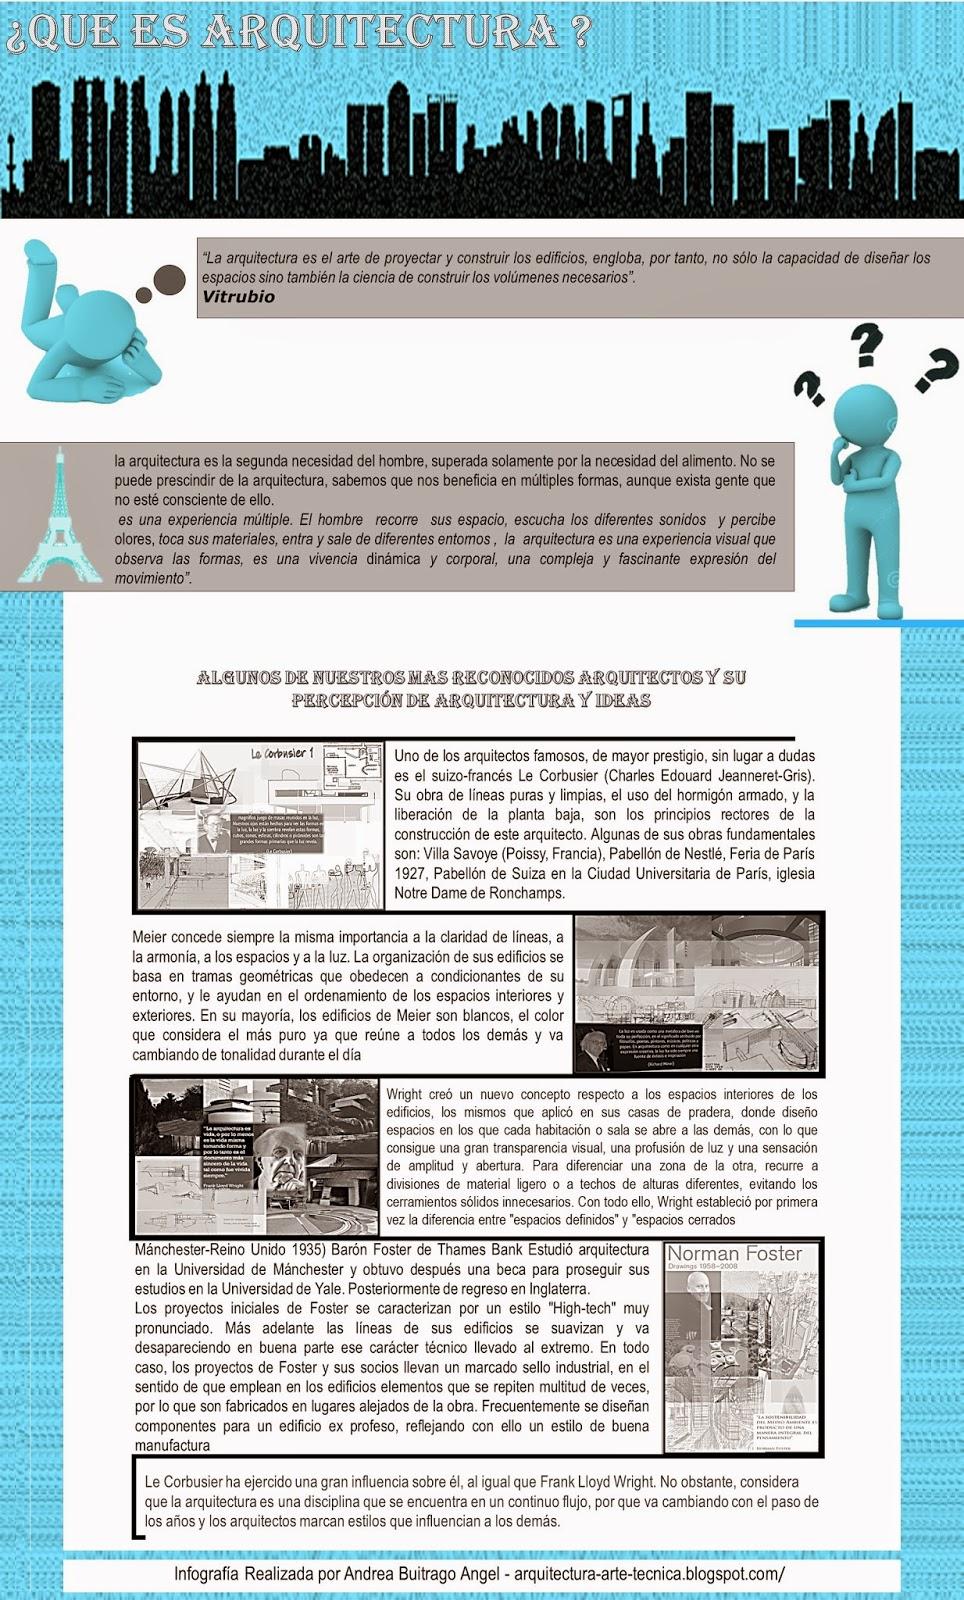 Infografia De Arquitectura Andrea Buitrago Angel